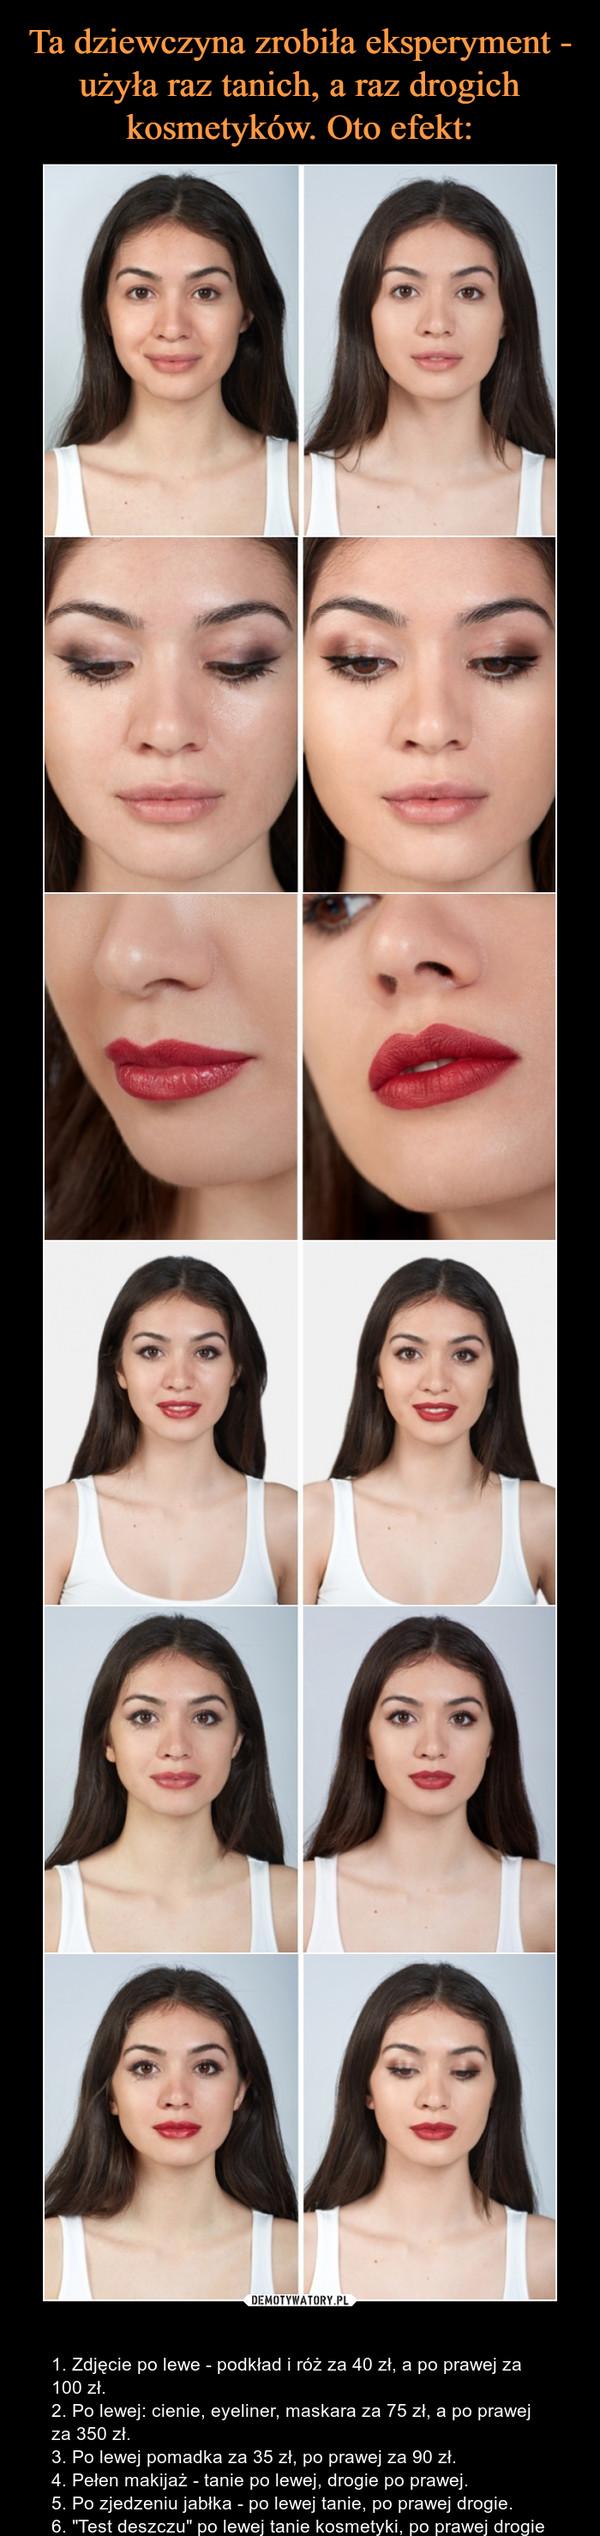 """– 1. Zdjęcie po lewe - podkład i róż za 40 zł, a po prawej za 100 zł.2. Po lewej: cienie, eyeliner, maskara za 75 zł, a po prawej za 350 zł.3. Po lewej pomadka za 35 zł, po prawej za 90 zł.4. Pełen makijaż - tanie po lewej, drogie po prawej.5. Po zjedzeniu jabłka - po lewej tanie, po prawej drogie.6. """"Test deszczu"""" po lewej tanie kosmetyki, po prawej drogie"""